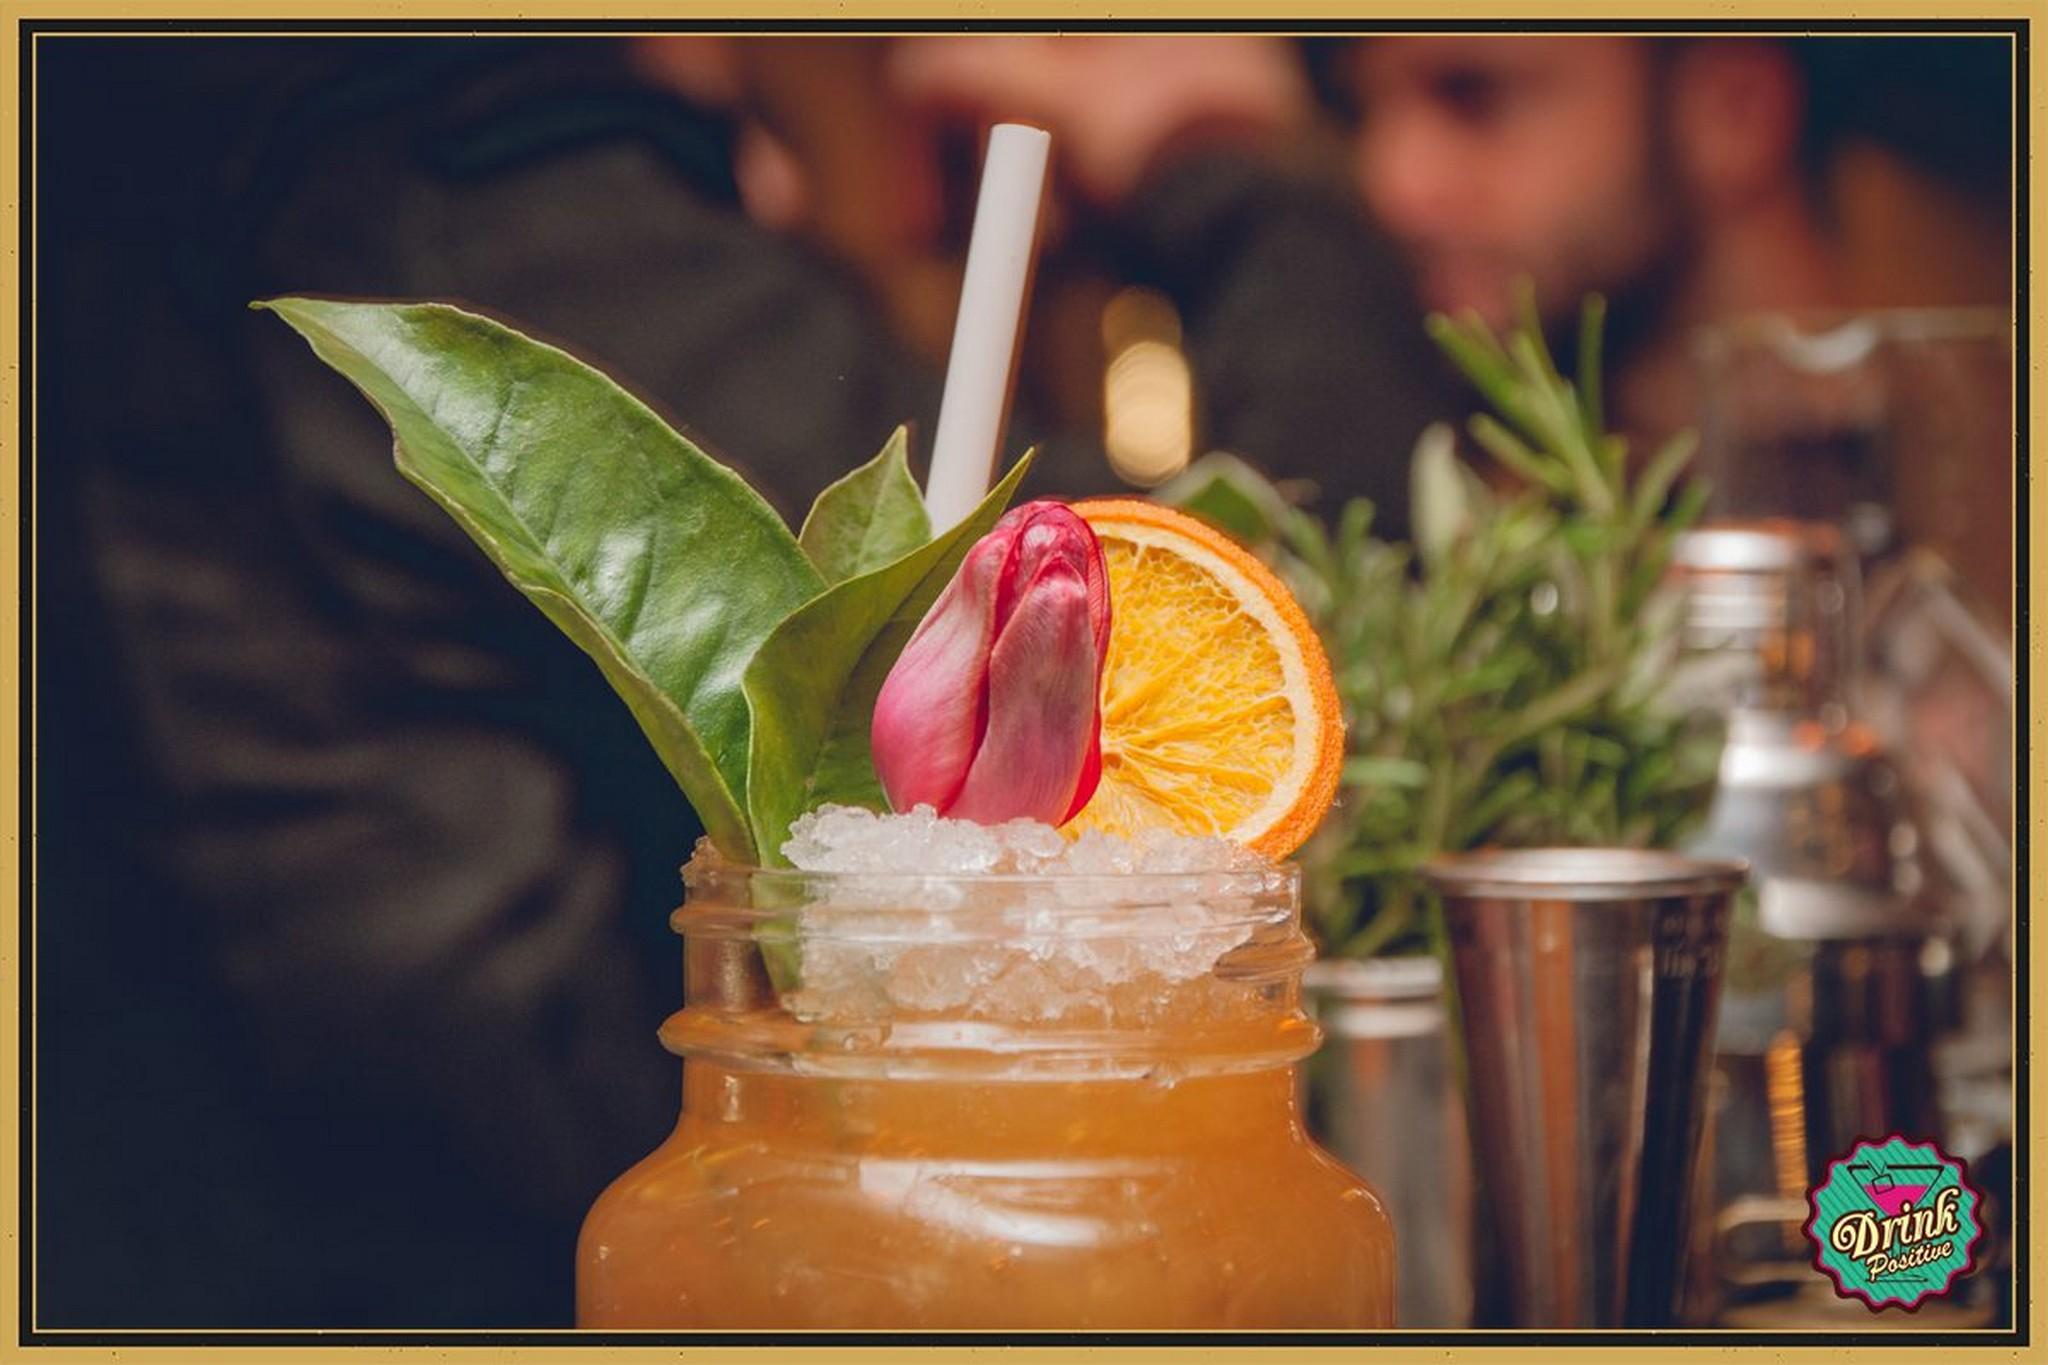 fabio_camboni_Gaeta_Drink_Positive_consulenze__apertura_locali_corsi_barman_170